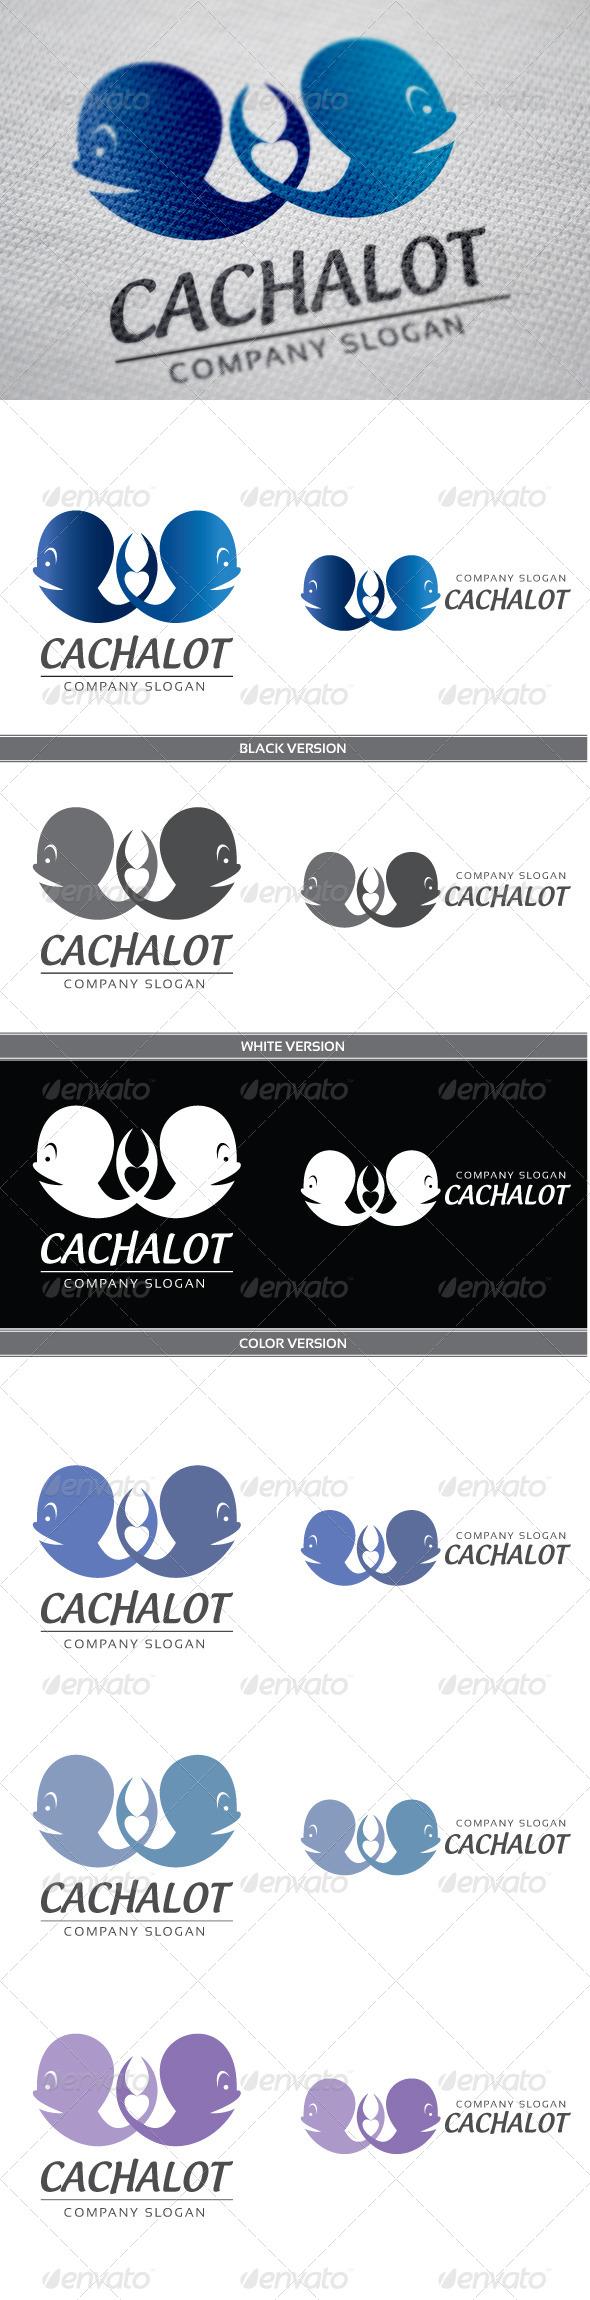 GraphicRiver Cachalot 3766516